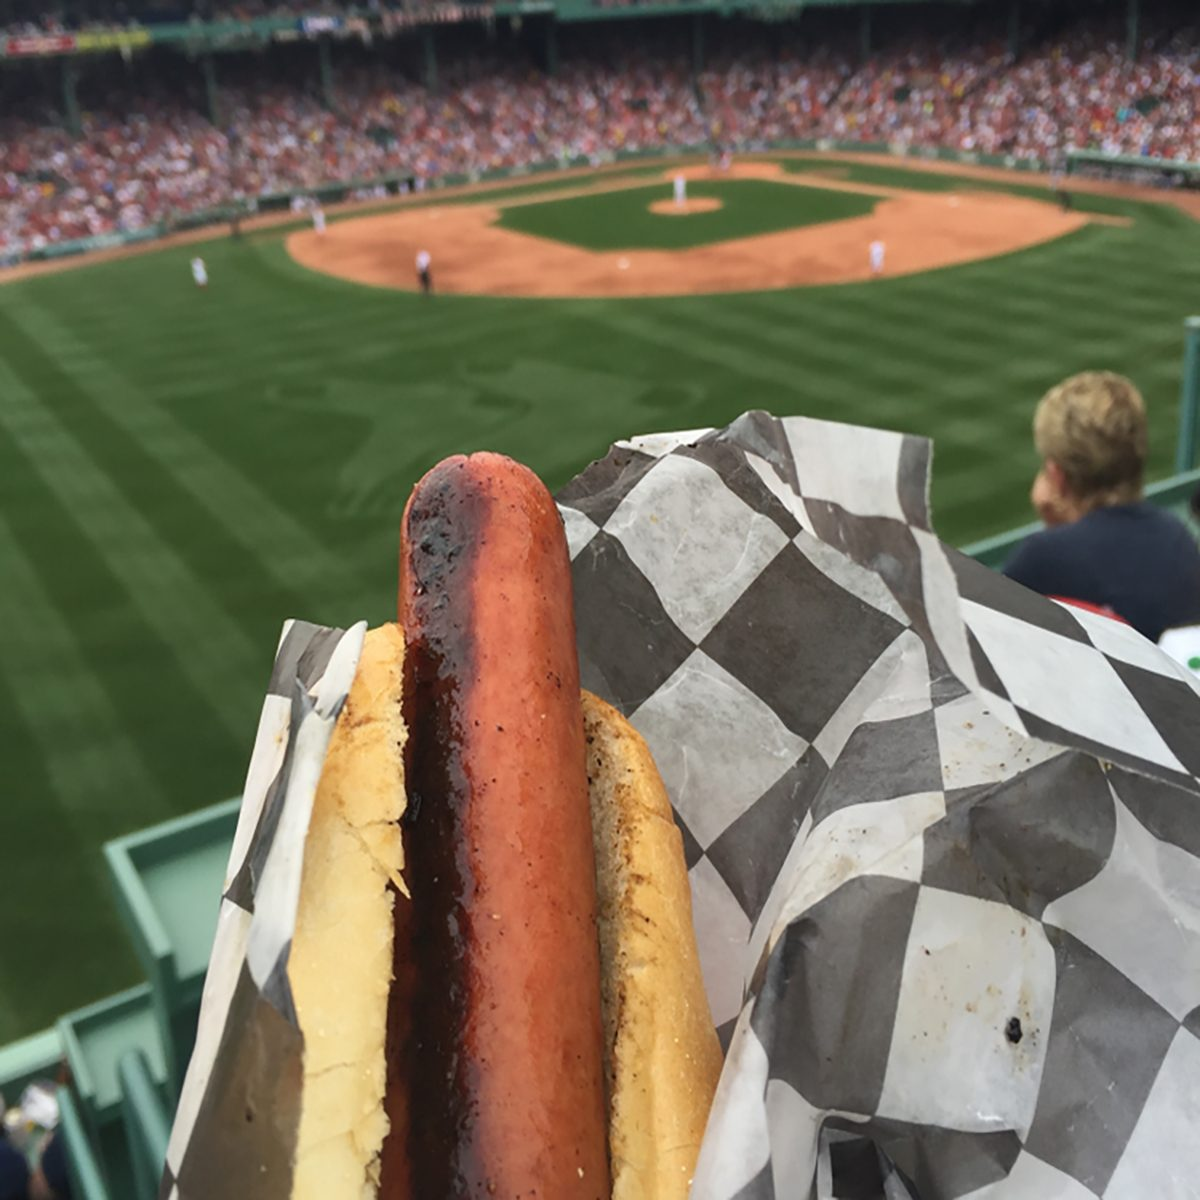 Hot dog at baseball park